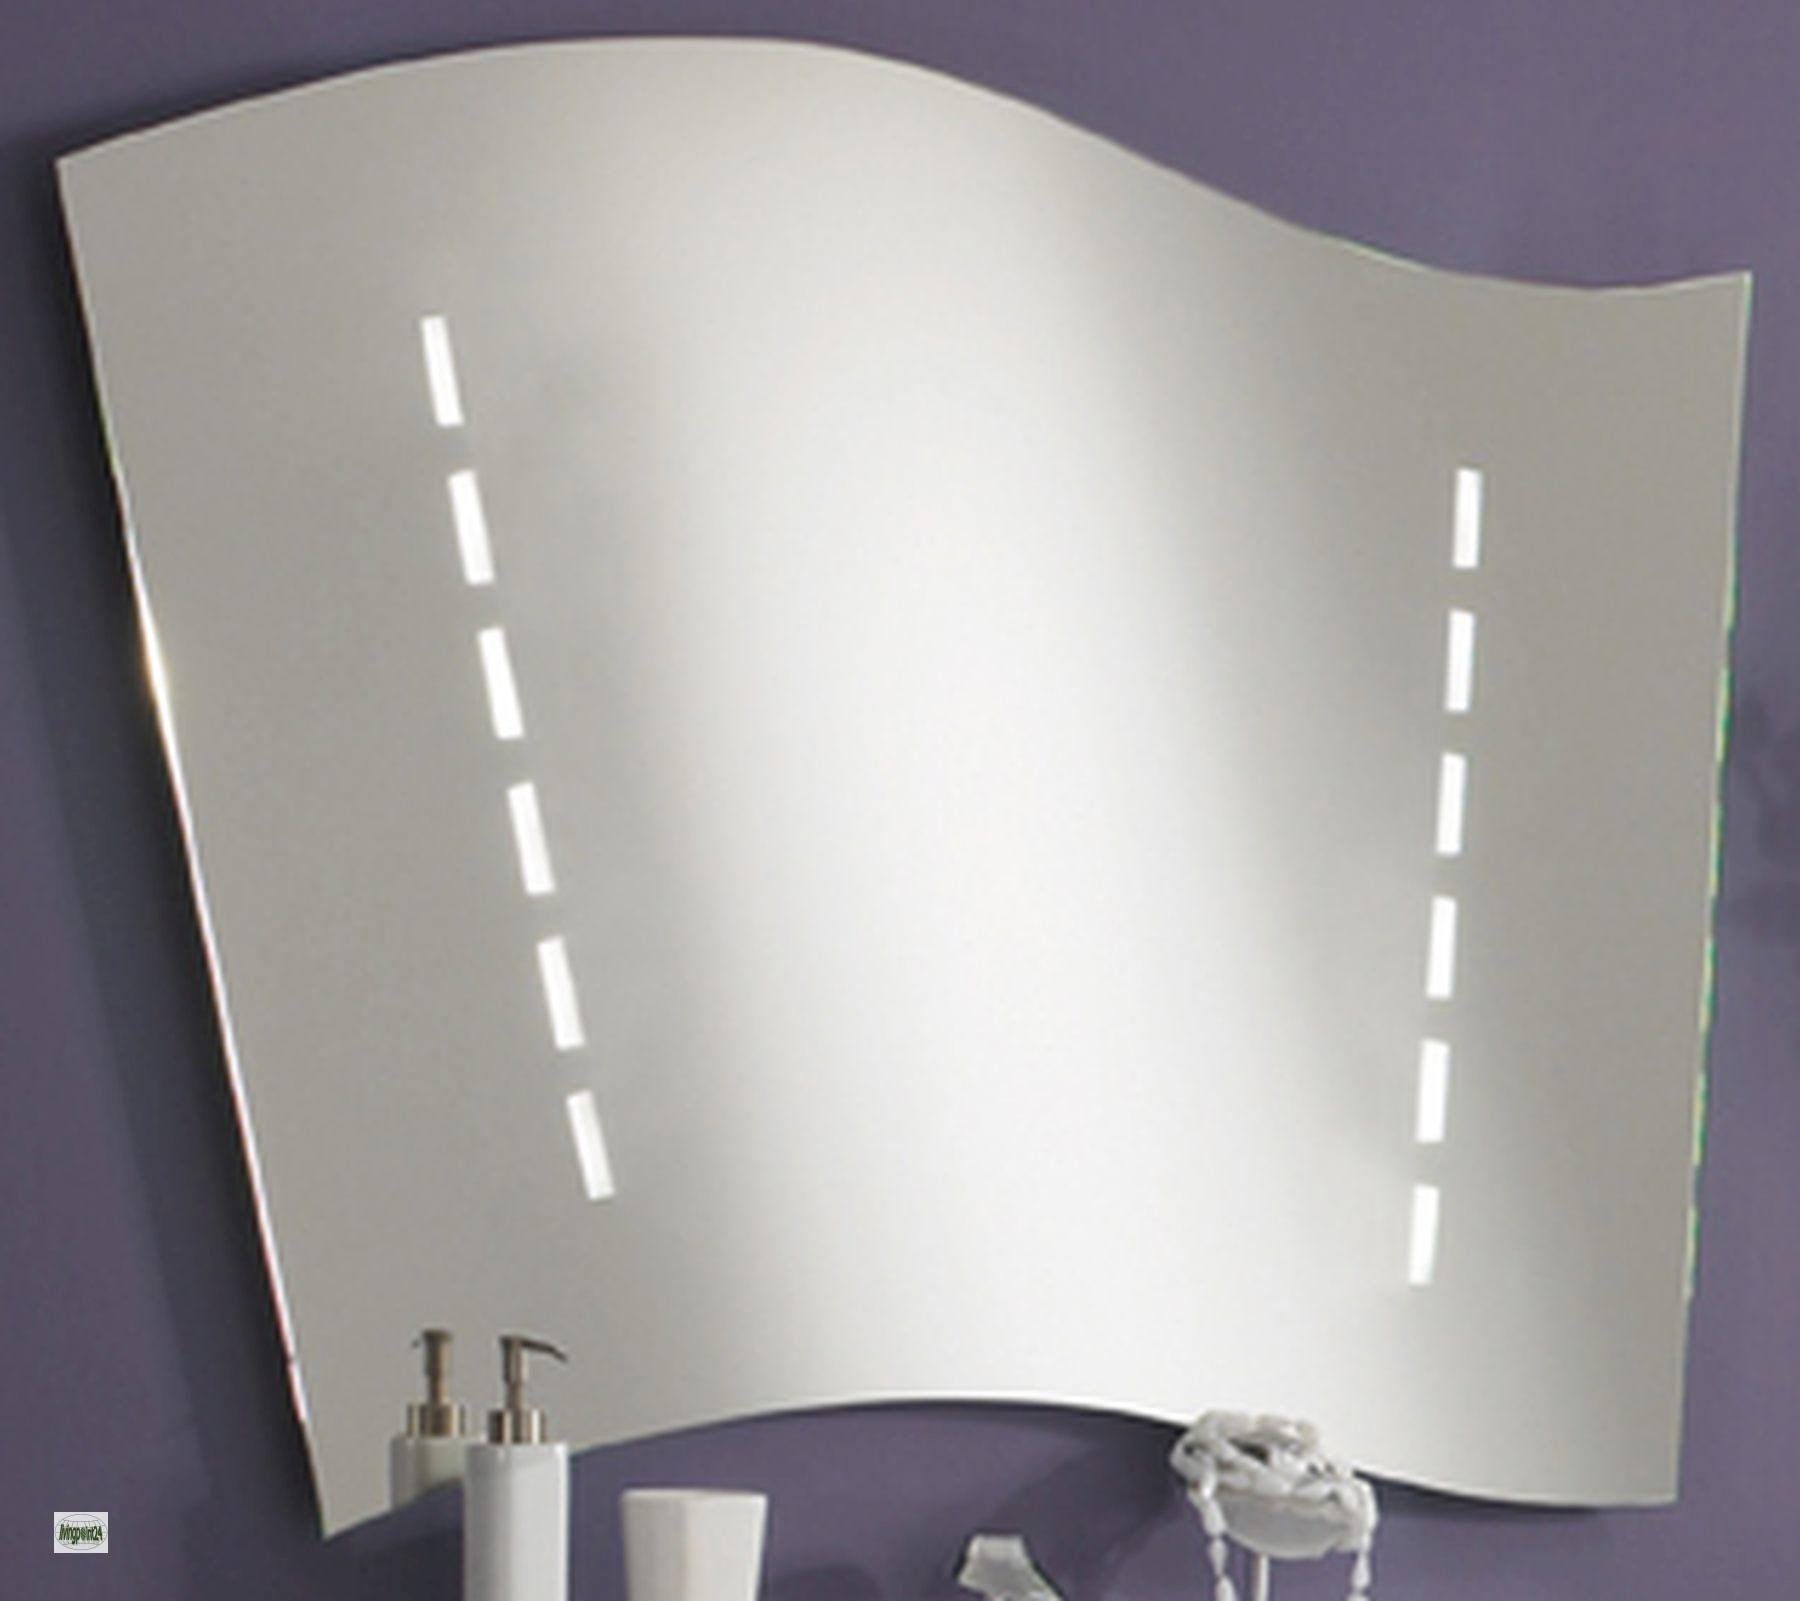 Mobili da bagno 5 parti specchio lavabo 110cm larghezza for Ebay mobili da bagno